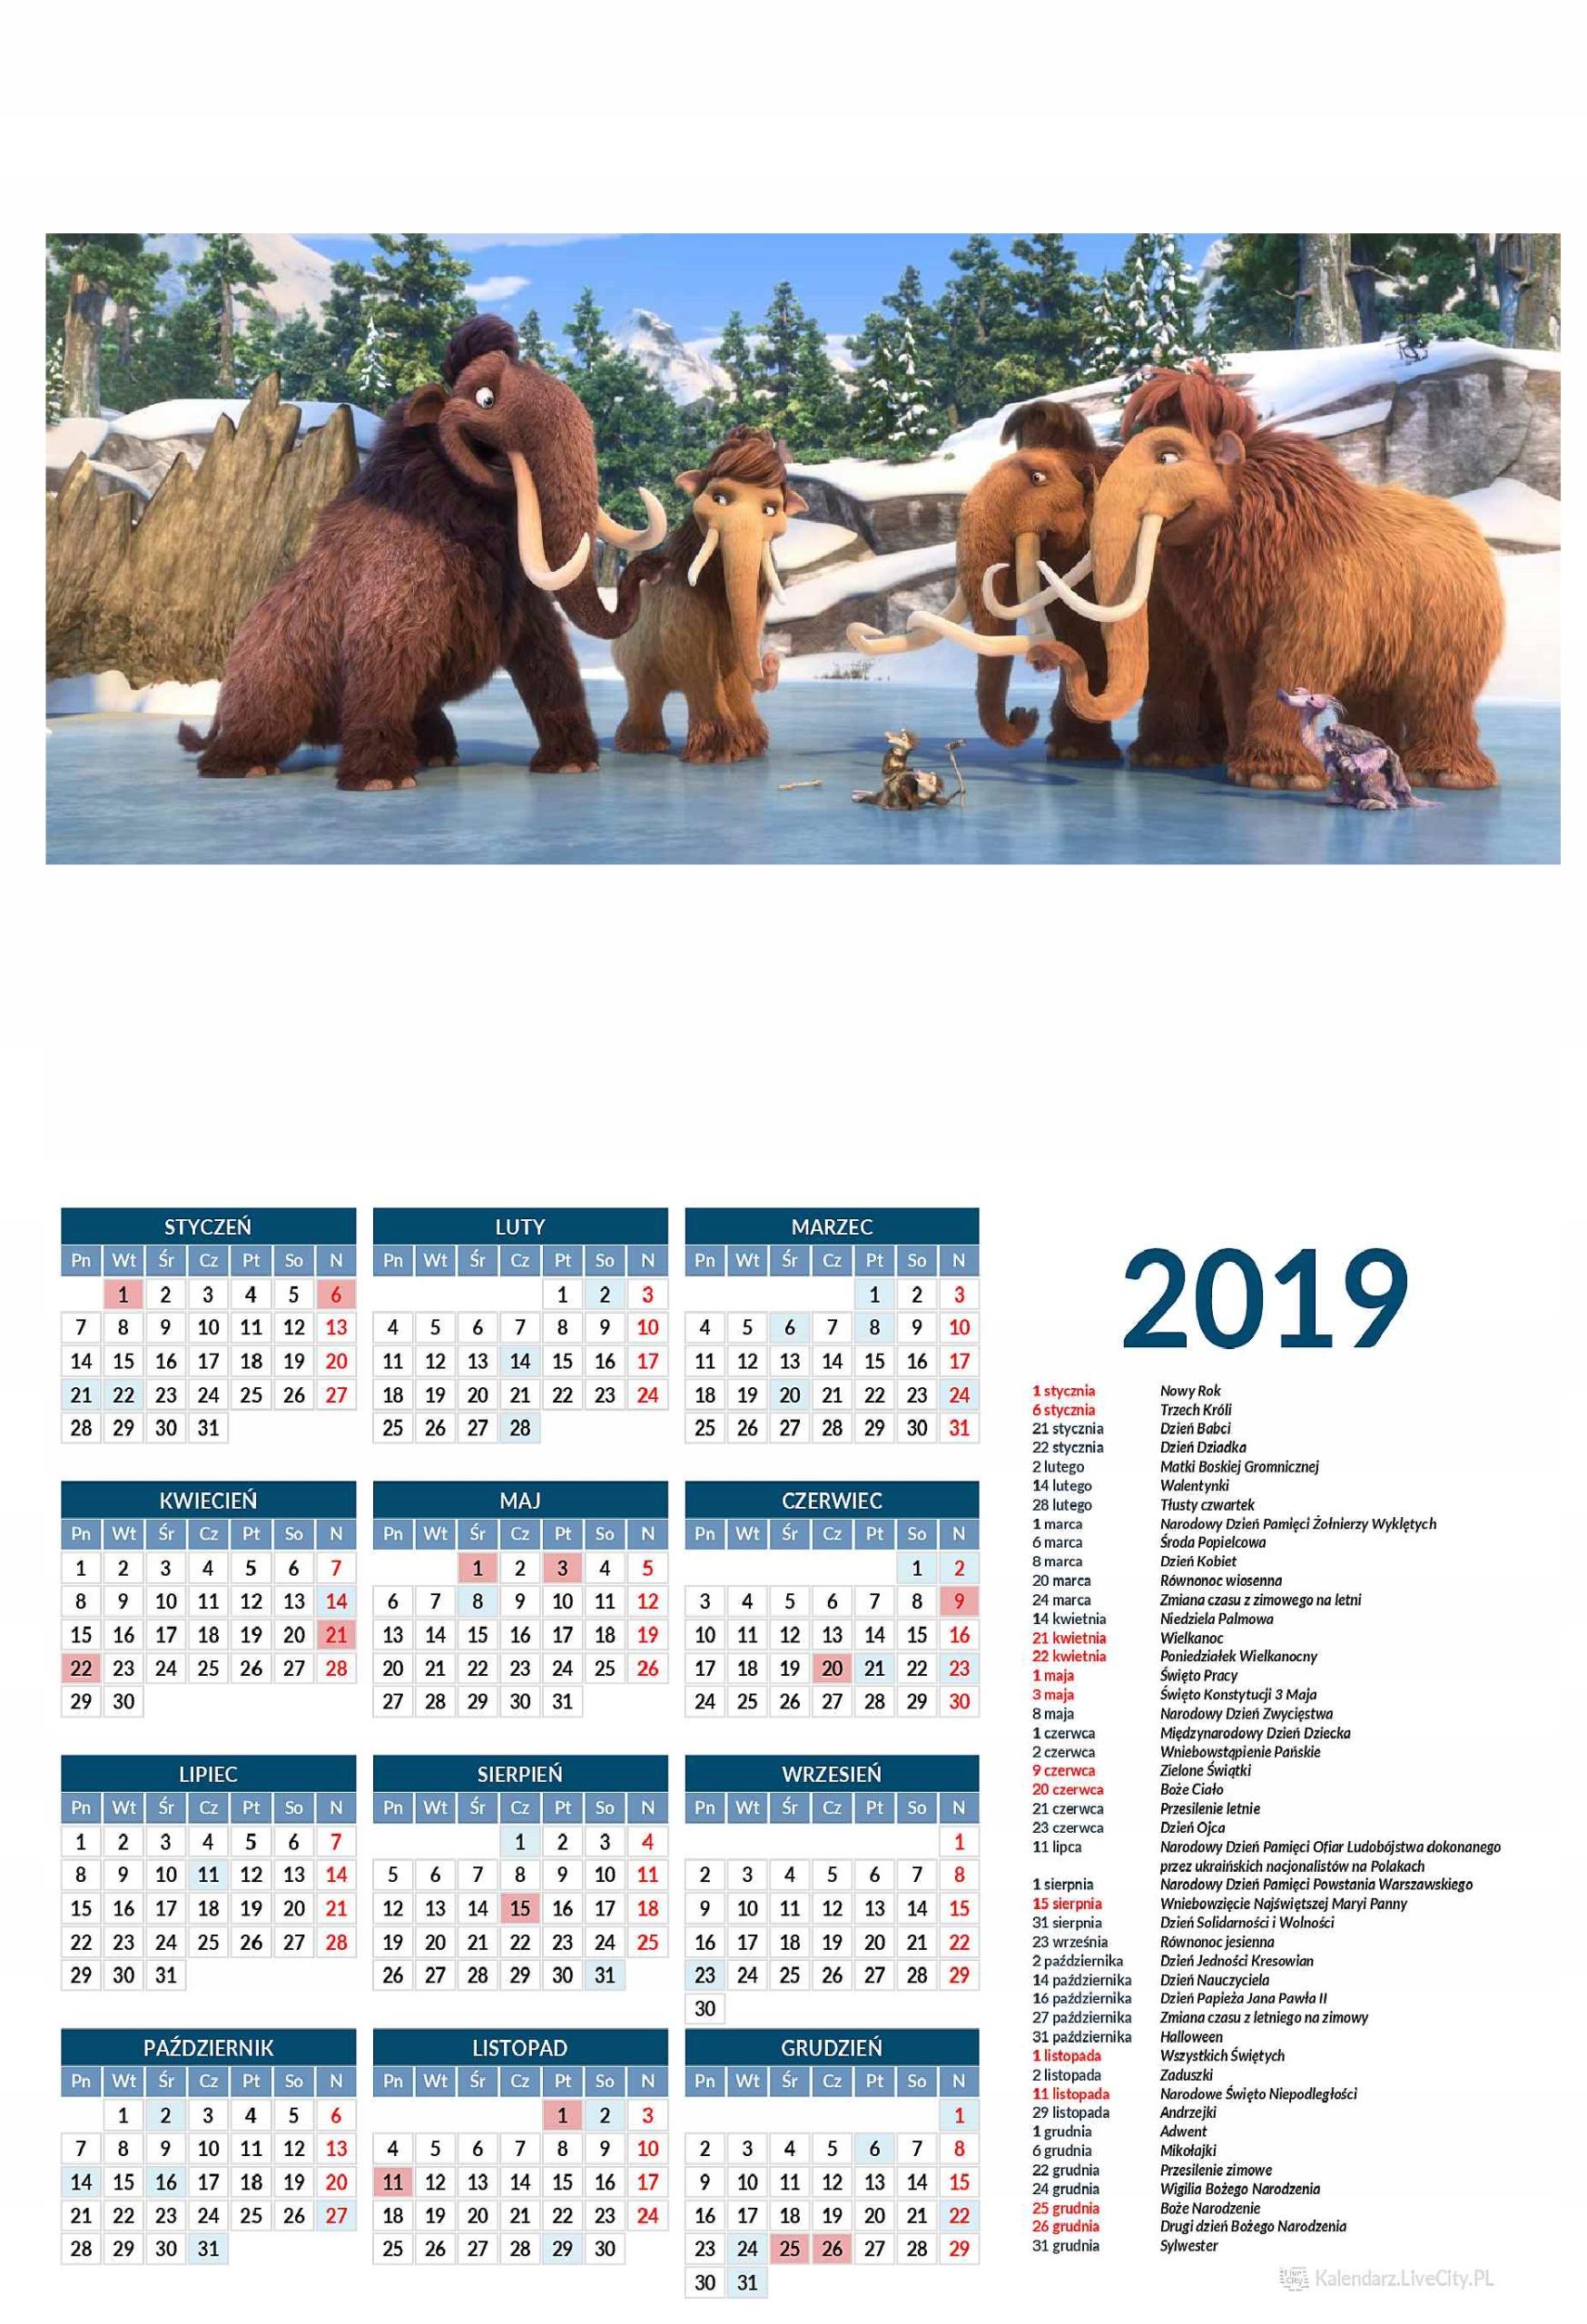 Kalendarz BAJKI Z EPOKA LODOWCOWA